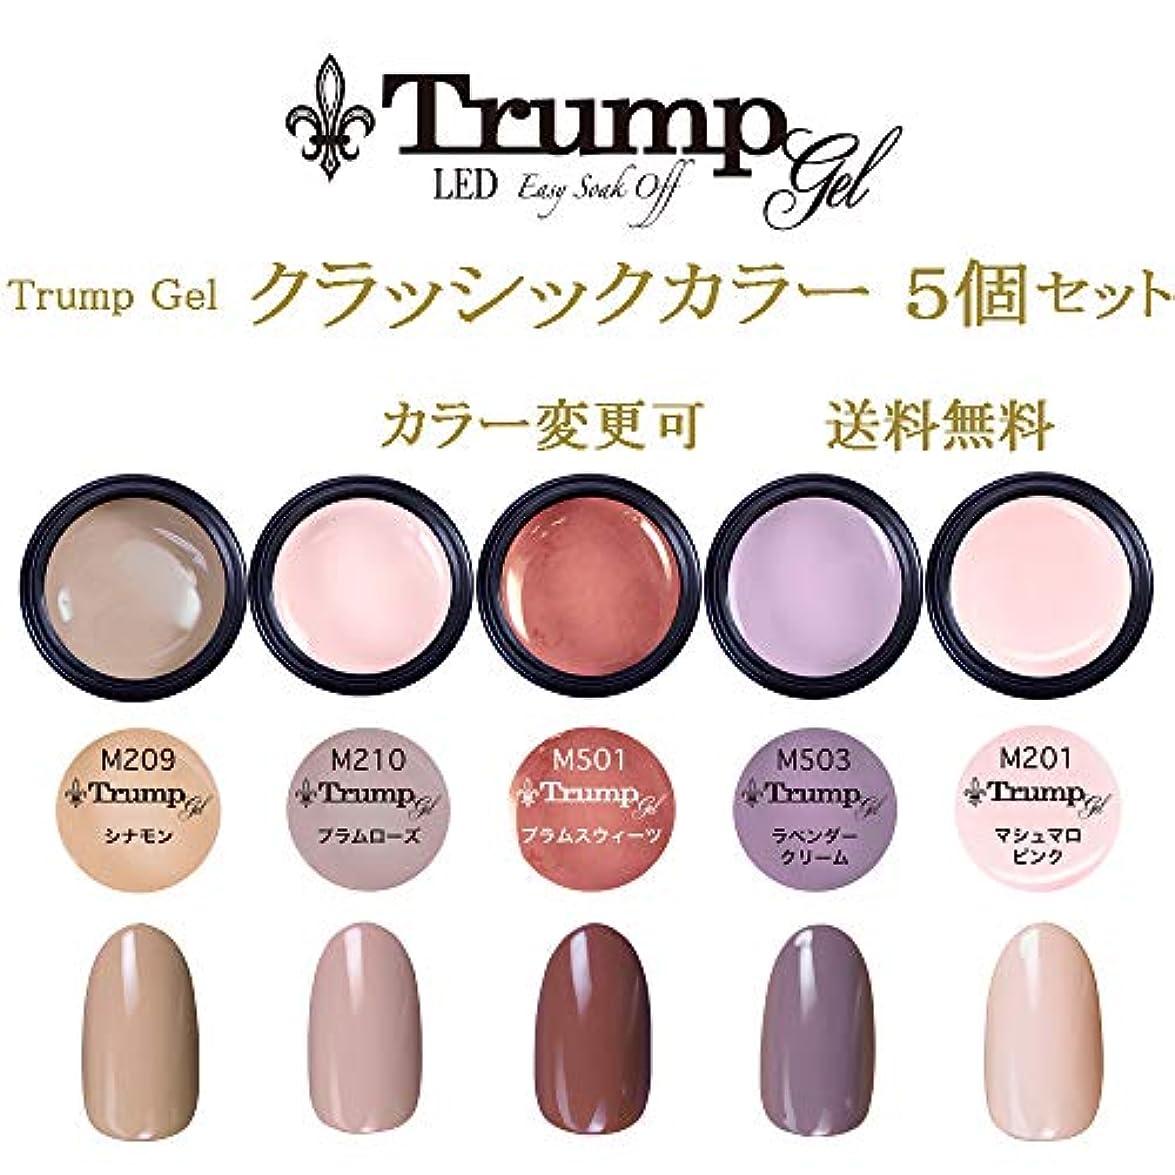 暗黙自転車一族【送料無料】日本製 Trump gel トランプジェル クラッシックカラー 選べる カラージェル 5個セット クラッシック ベージュ ブラウン ホワイト ラメ カラー